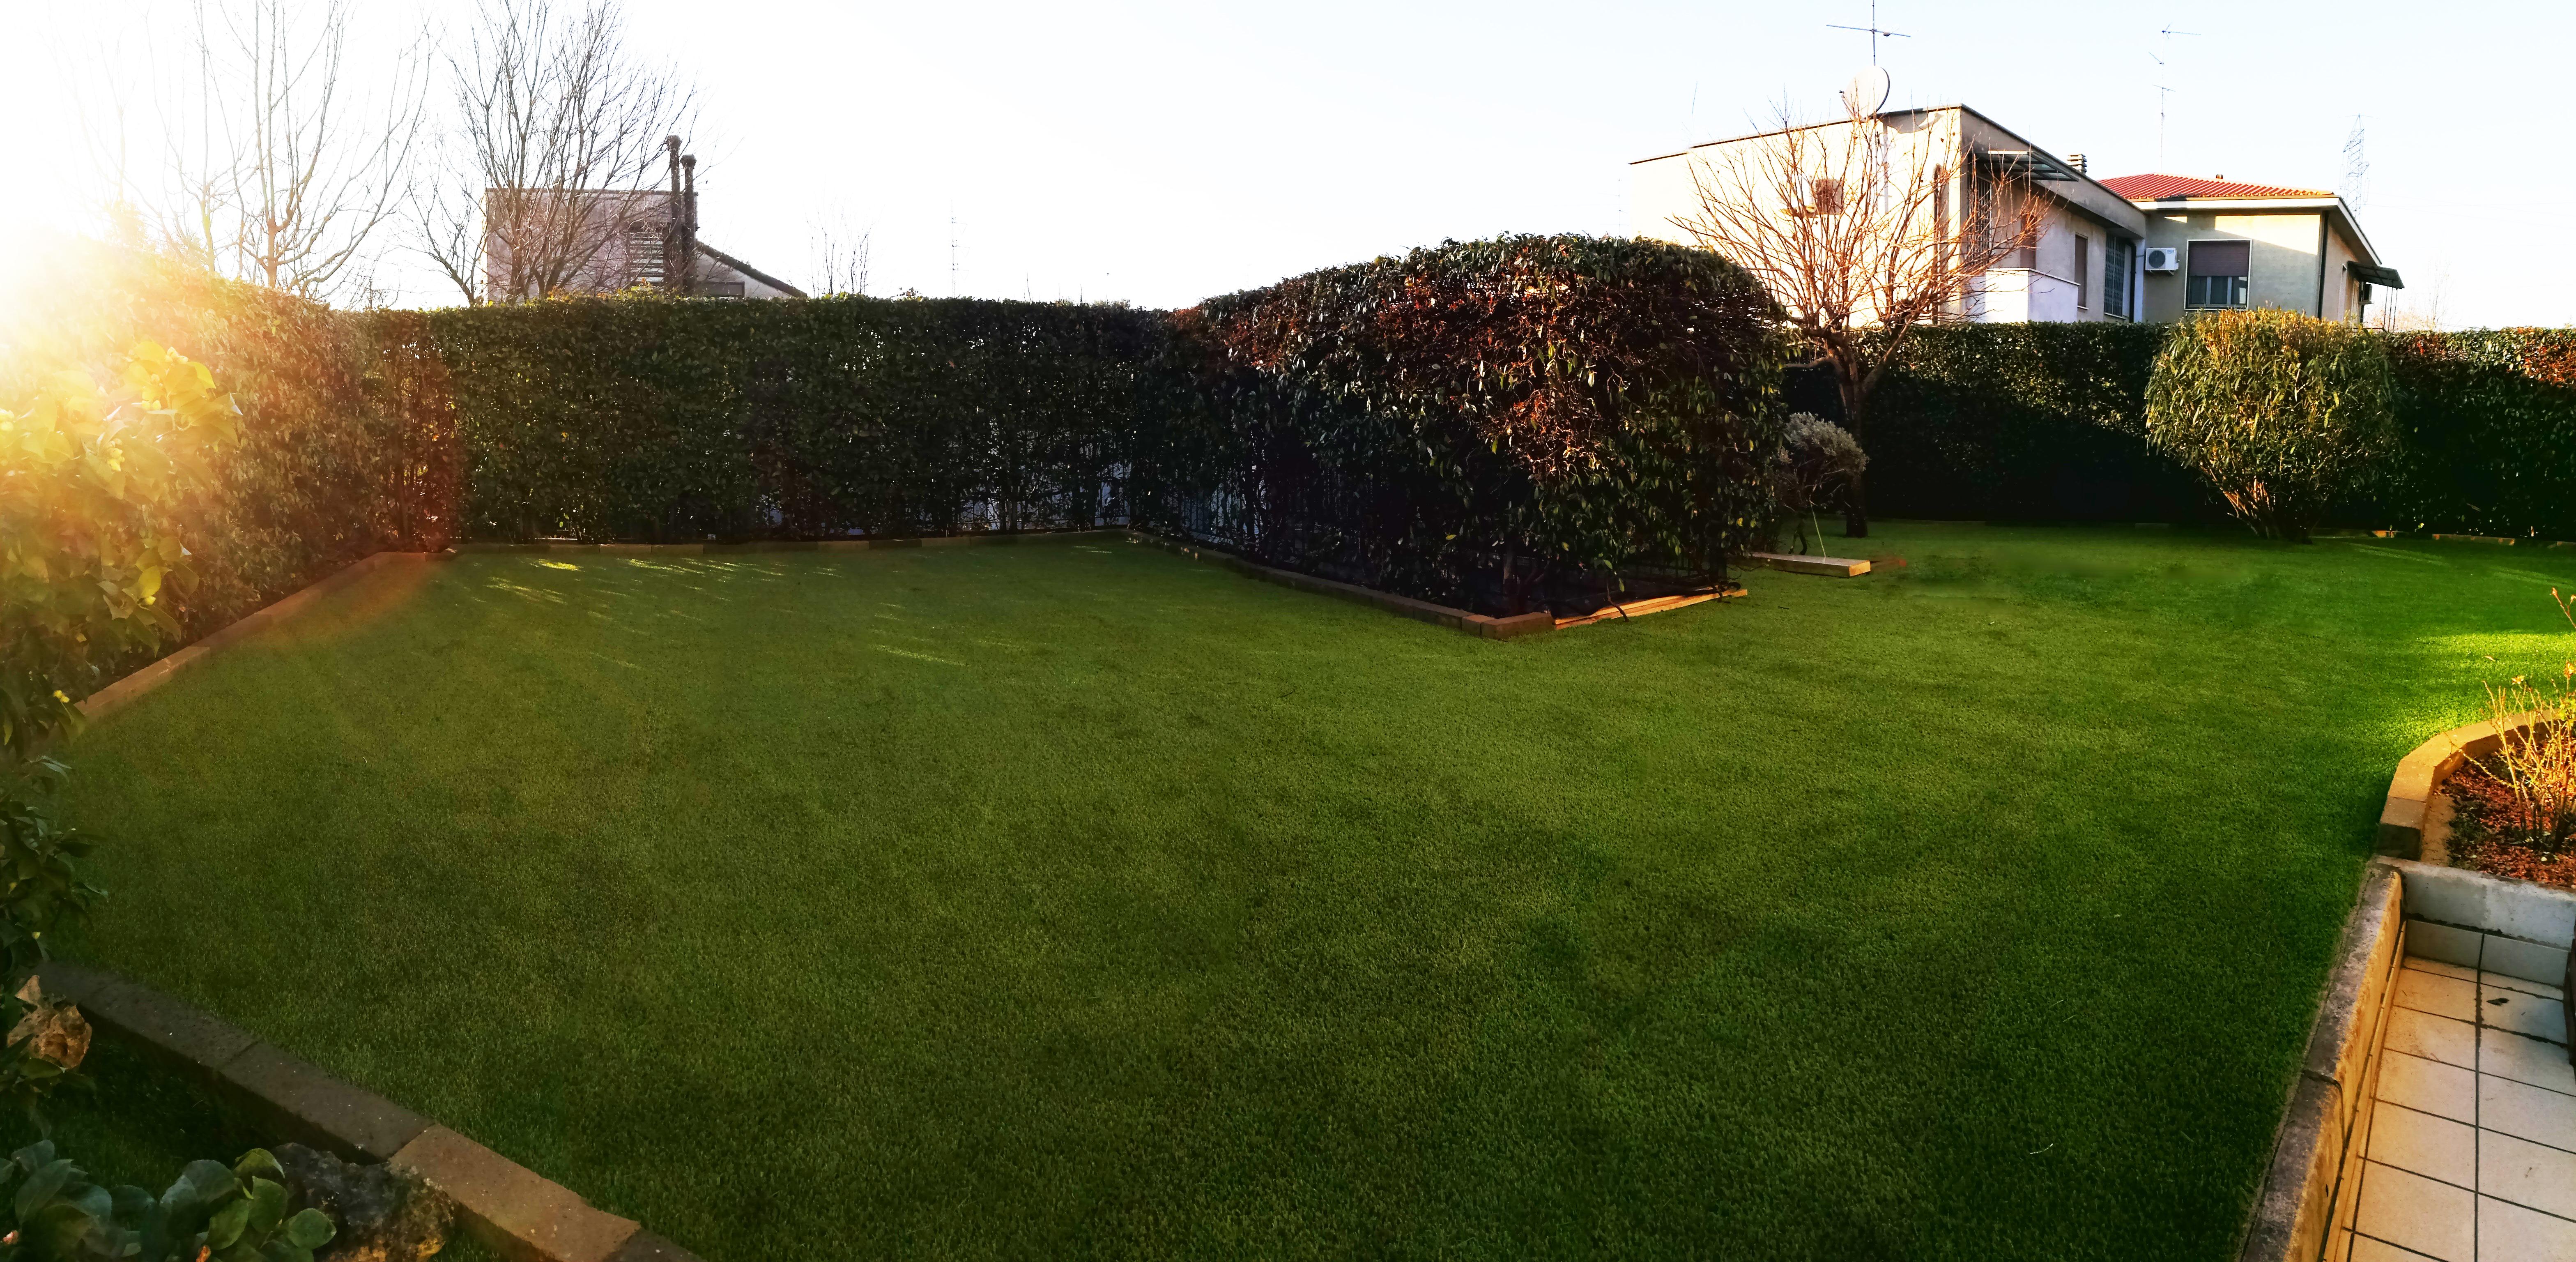 Erba sintetica trasforma il tuo giardino da sogno - Giardino senza erba ...